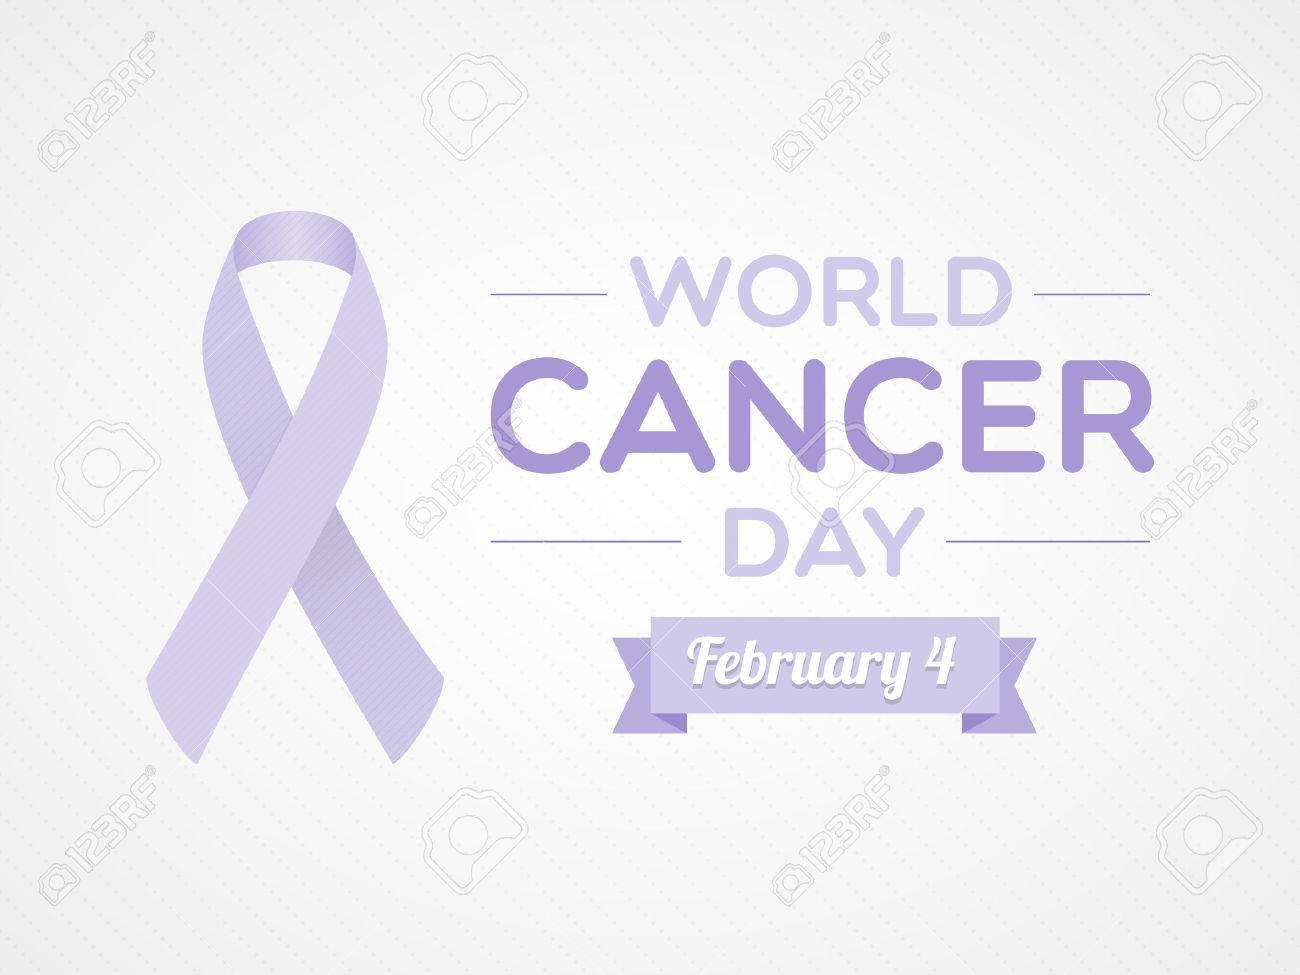 World Cancer Day - 25250382